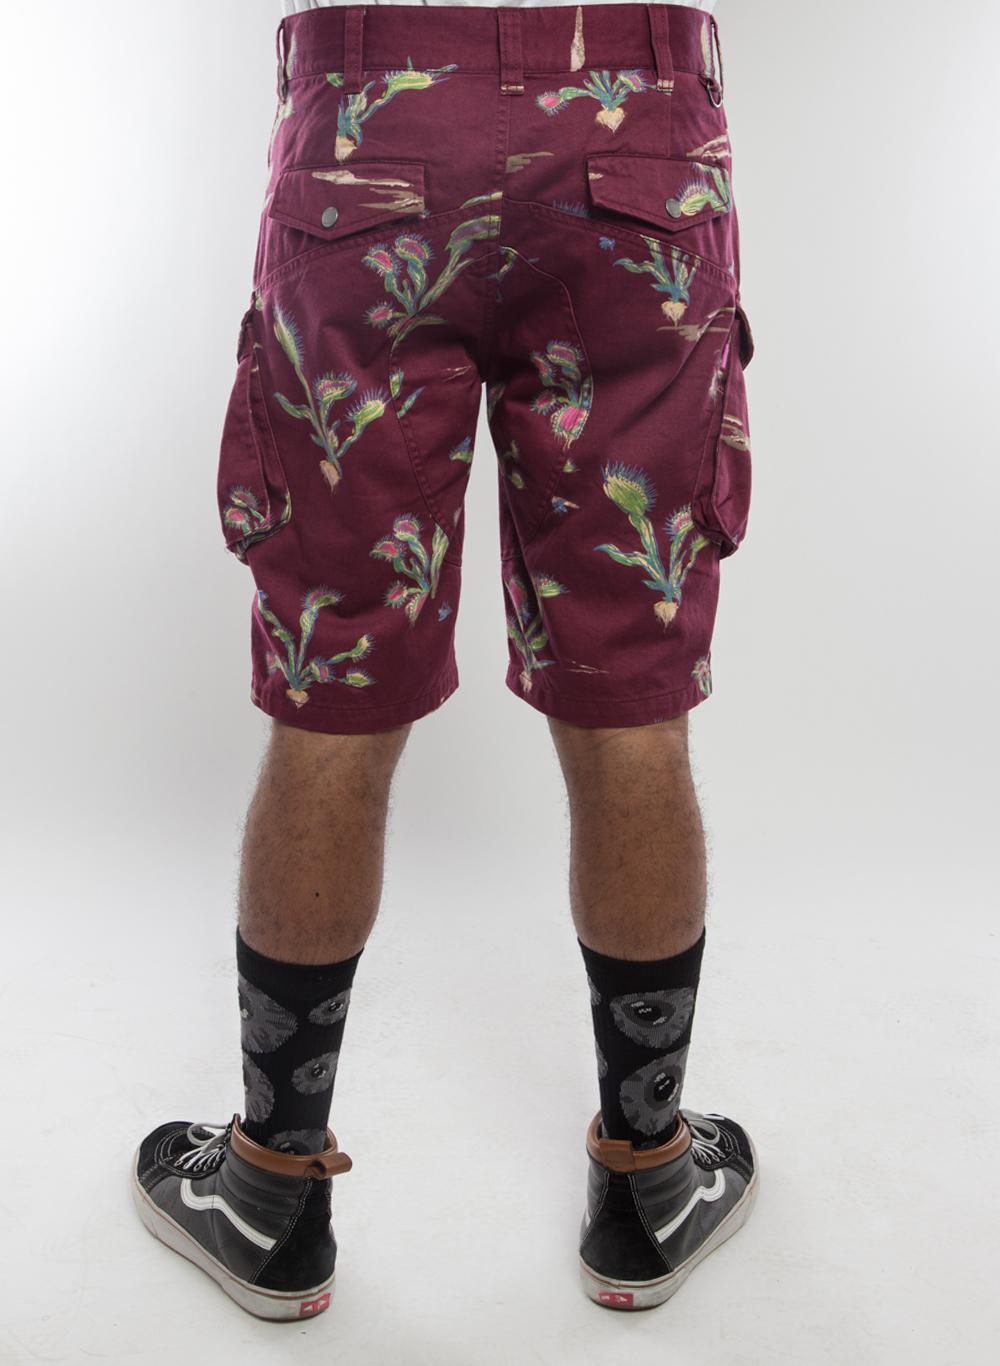 Carnivore Shorts